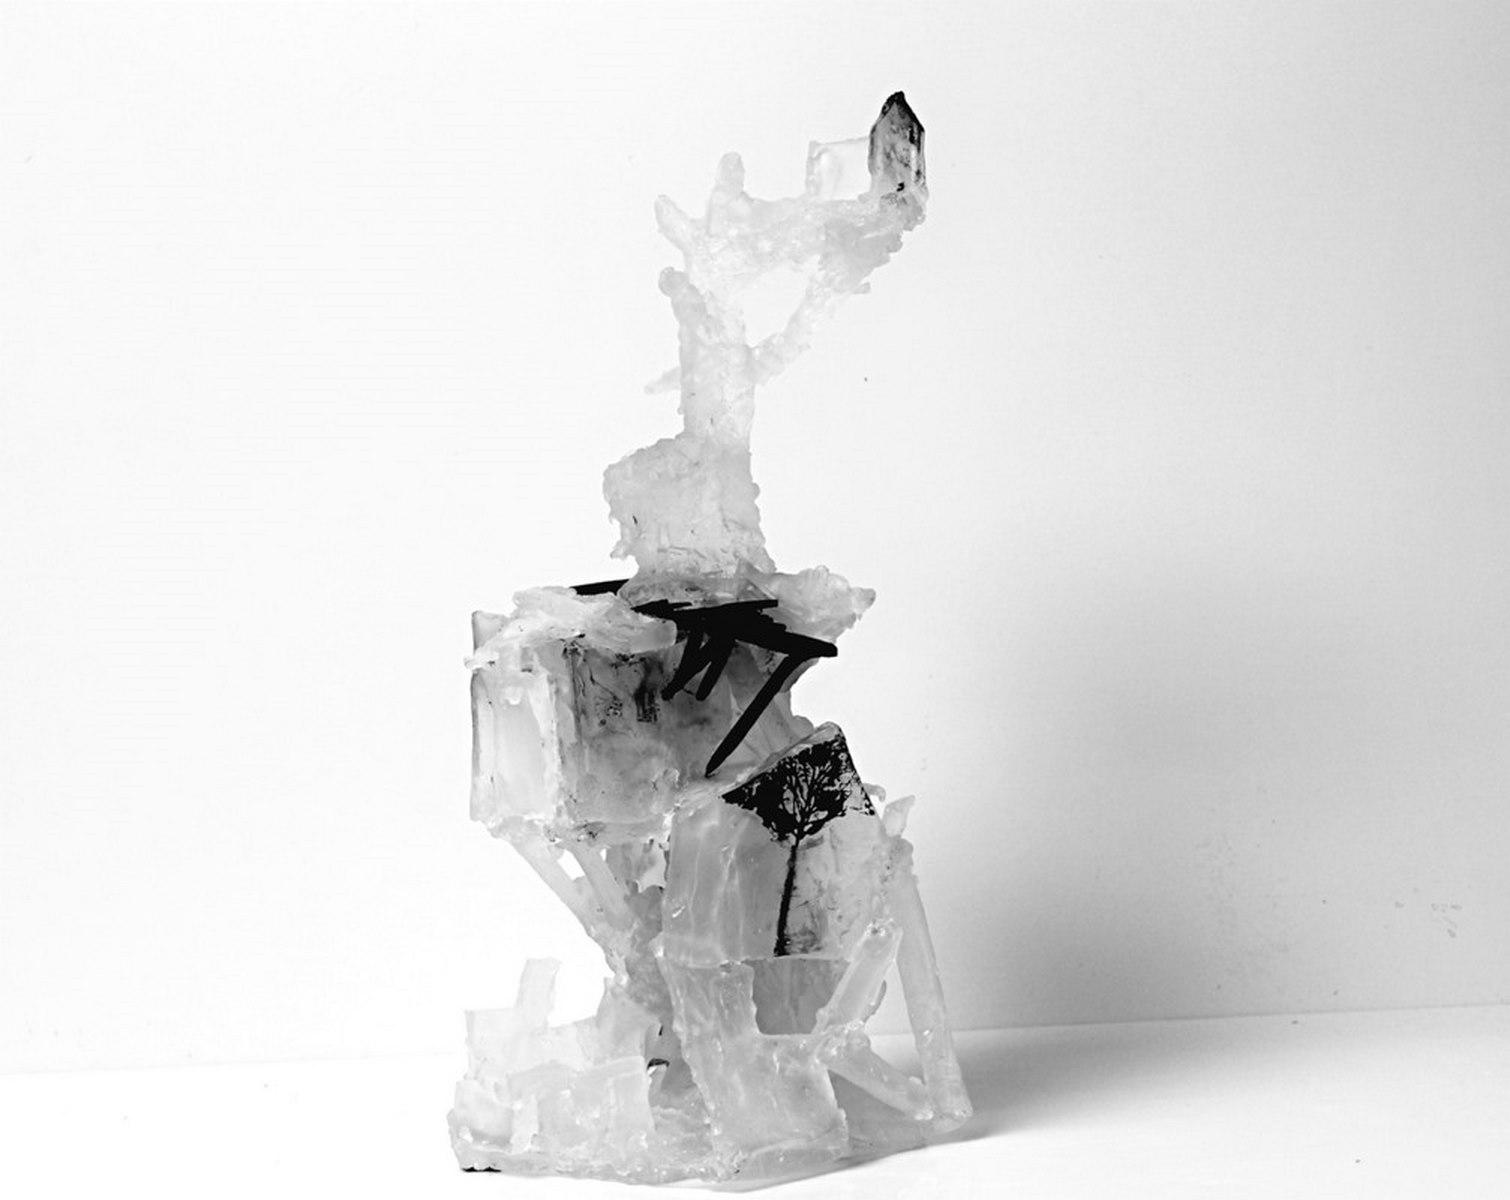 Cabane perchée, bois brûlé, pâte de verre et sérigraphie, 2019